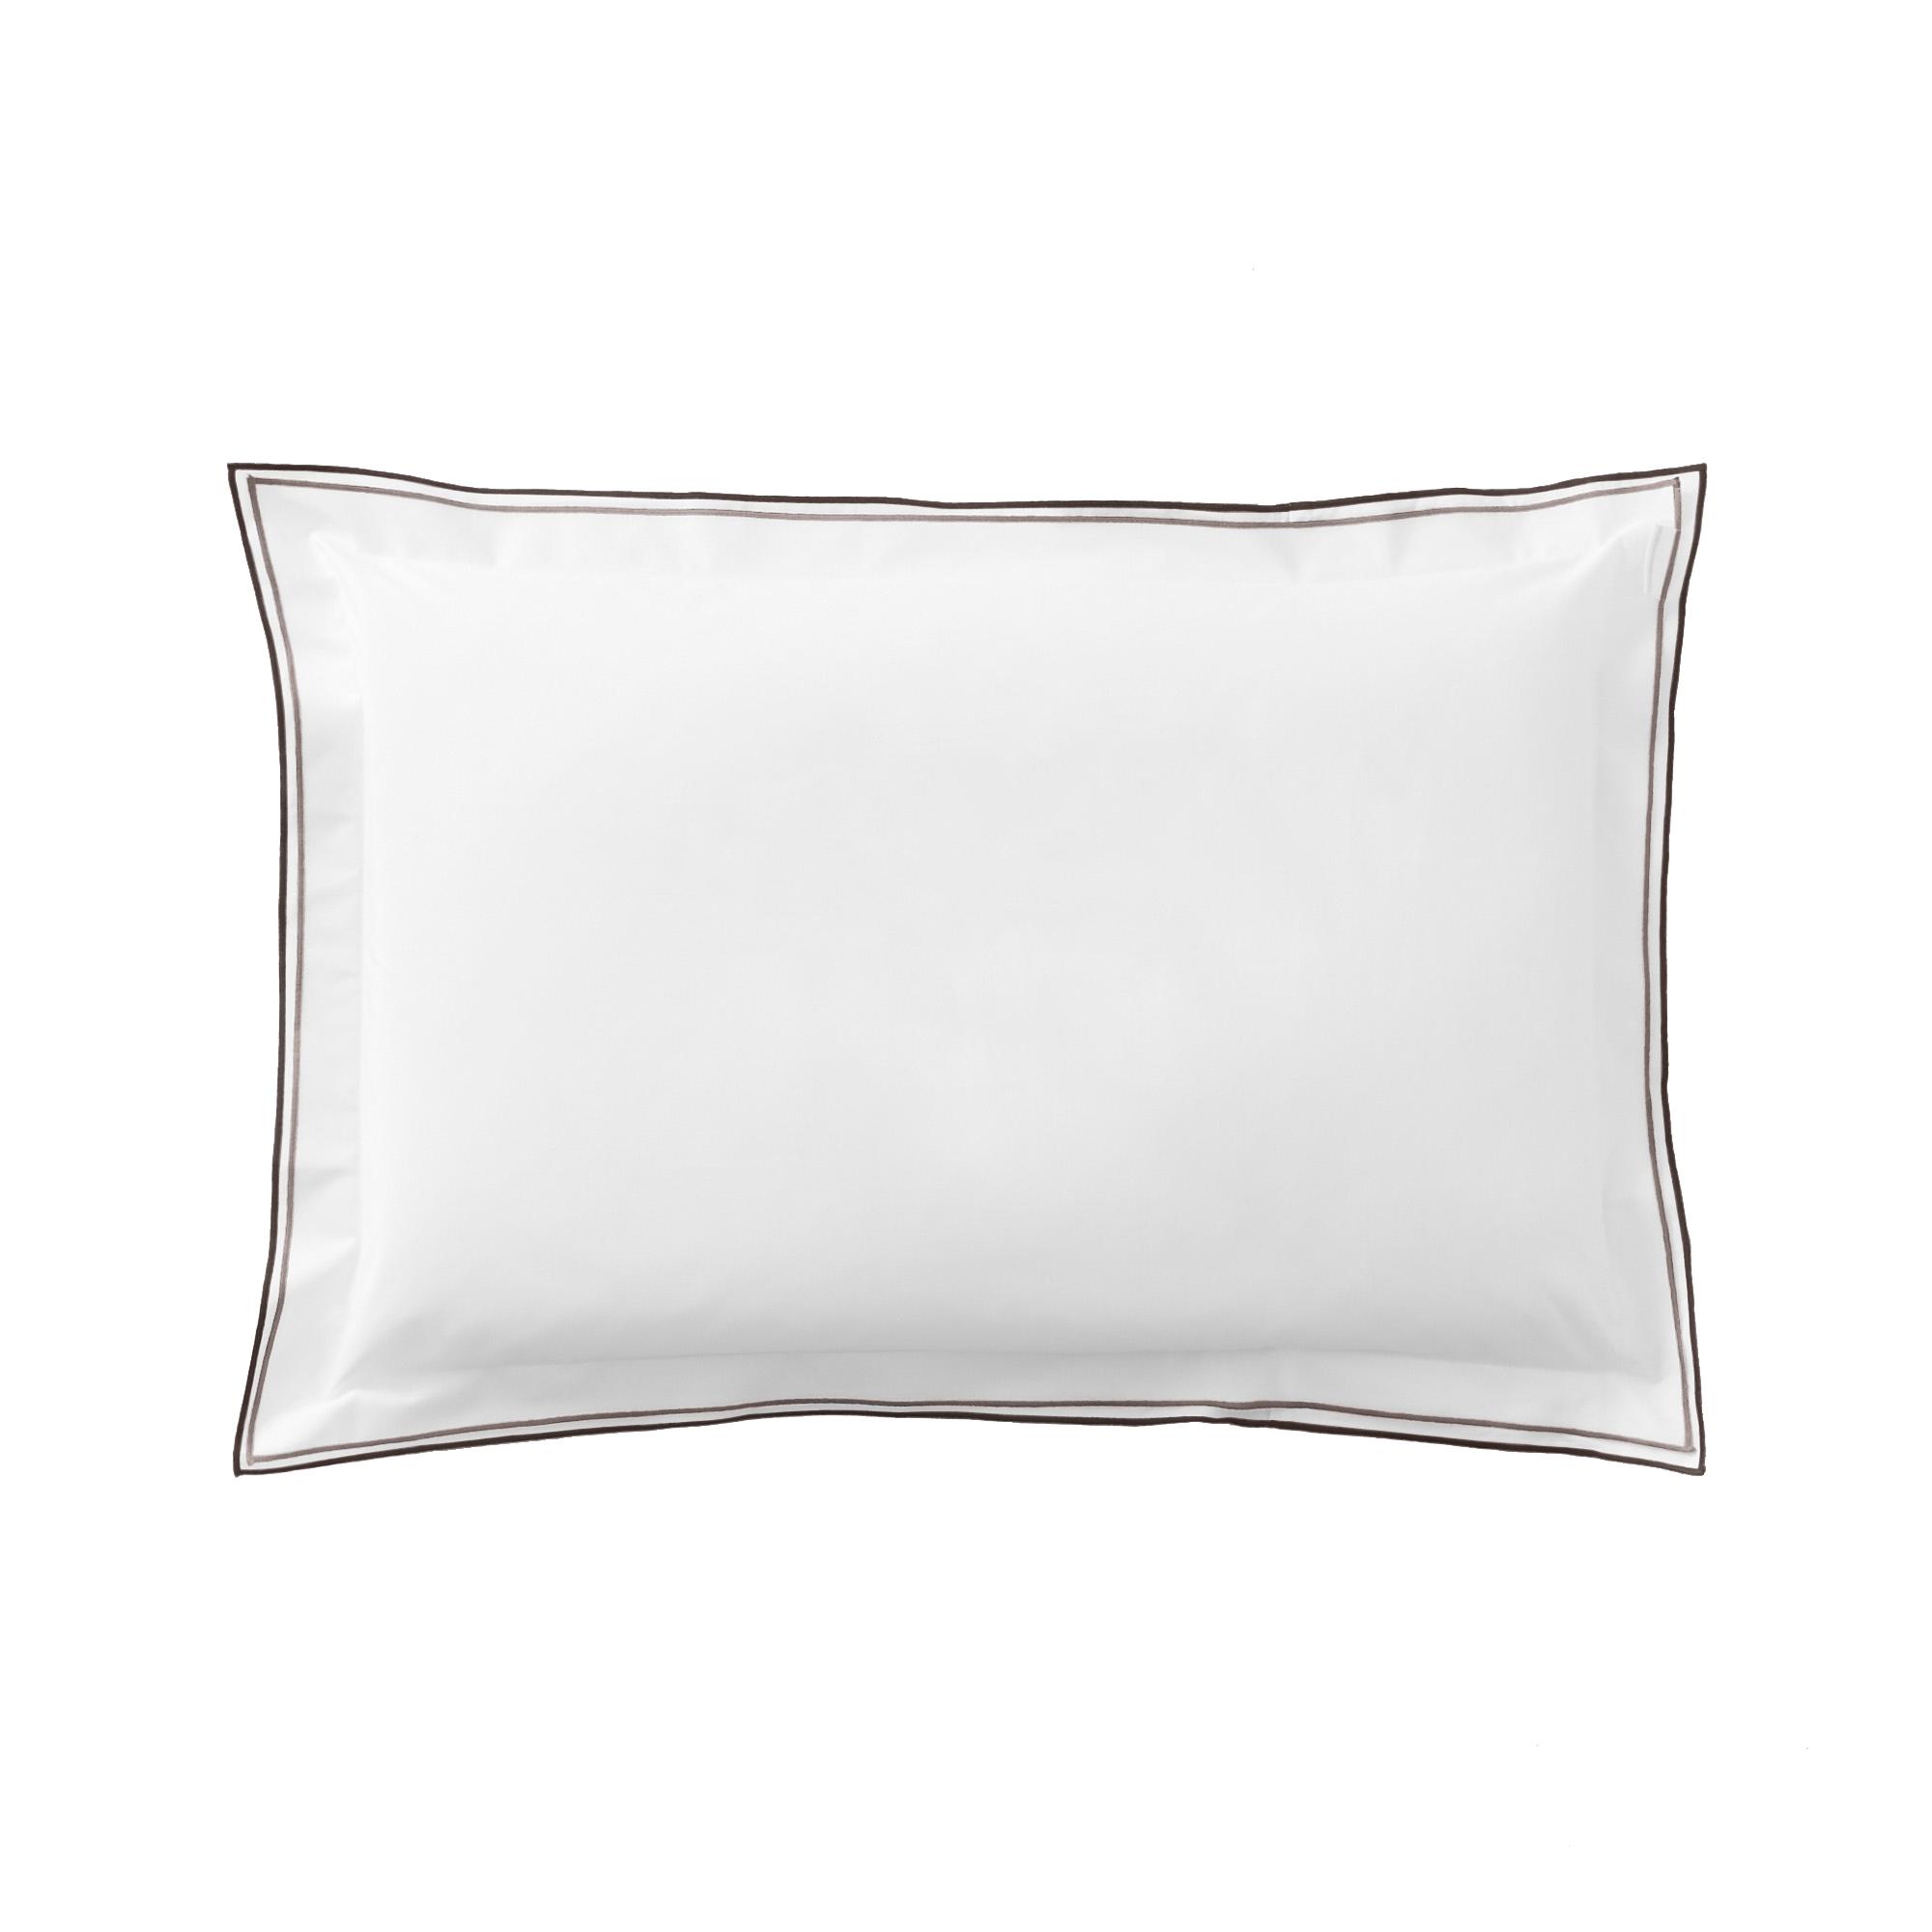 Taie d'oreiller unie en coton naturel 50x75